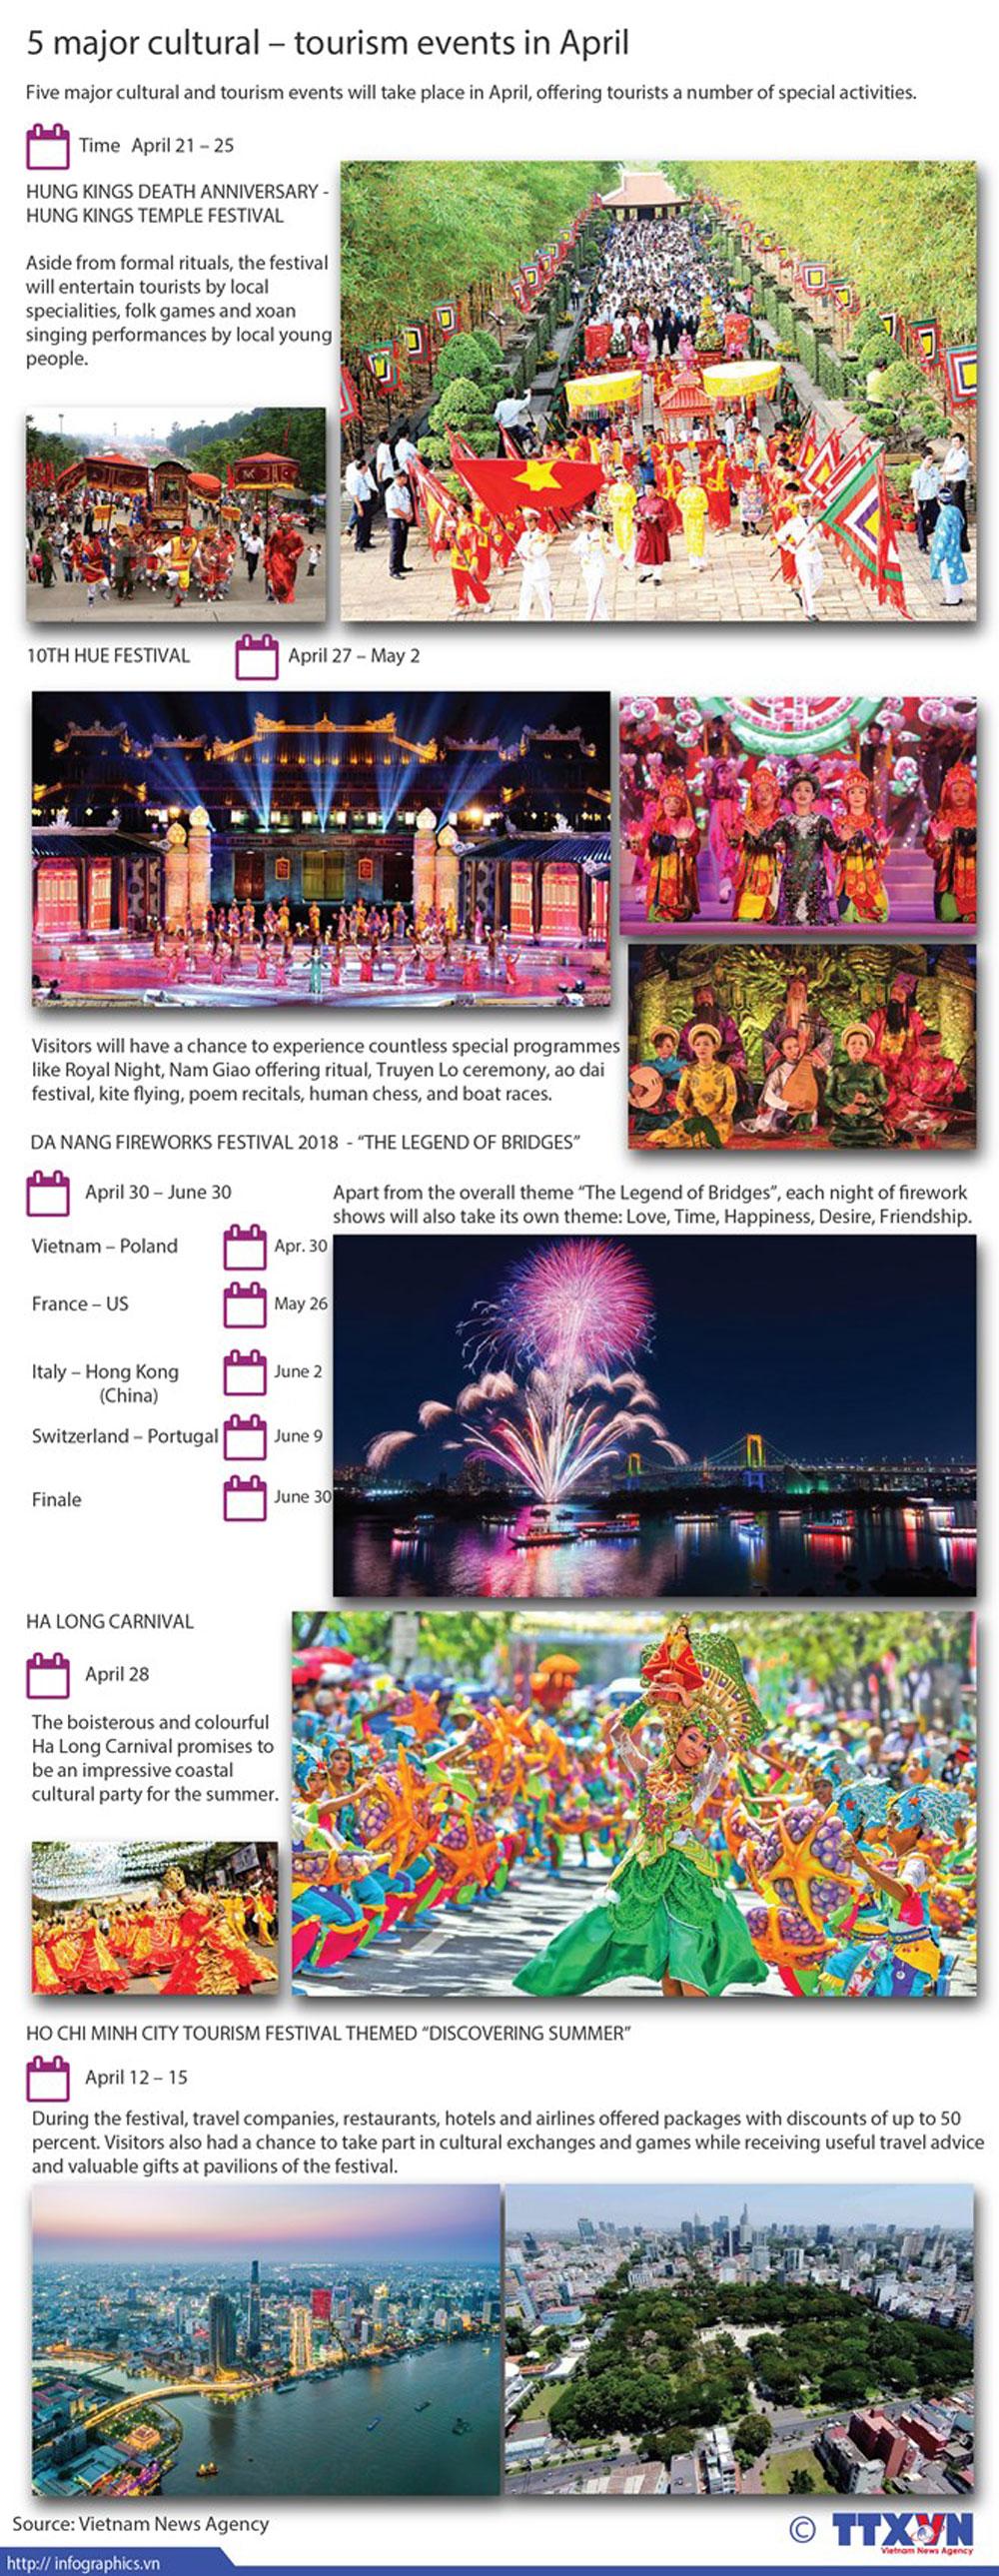 Five major event, cultural – tourism events, April, special activities, popular destinations